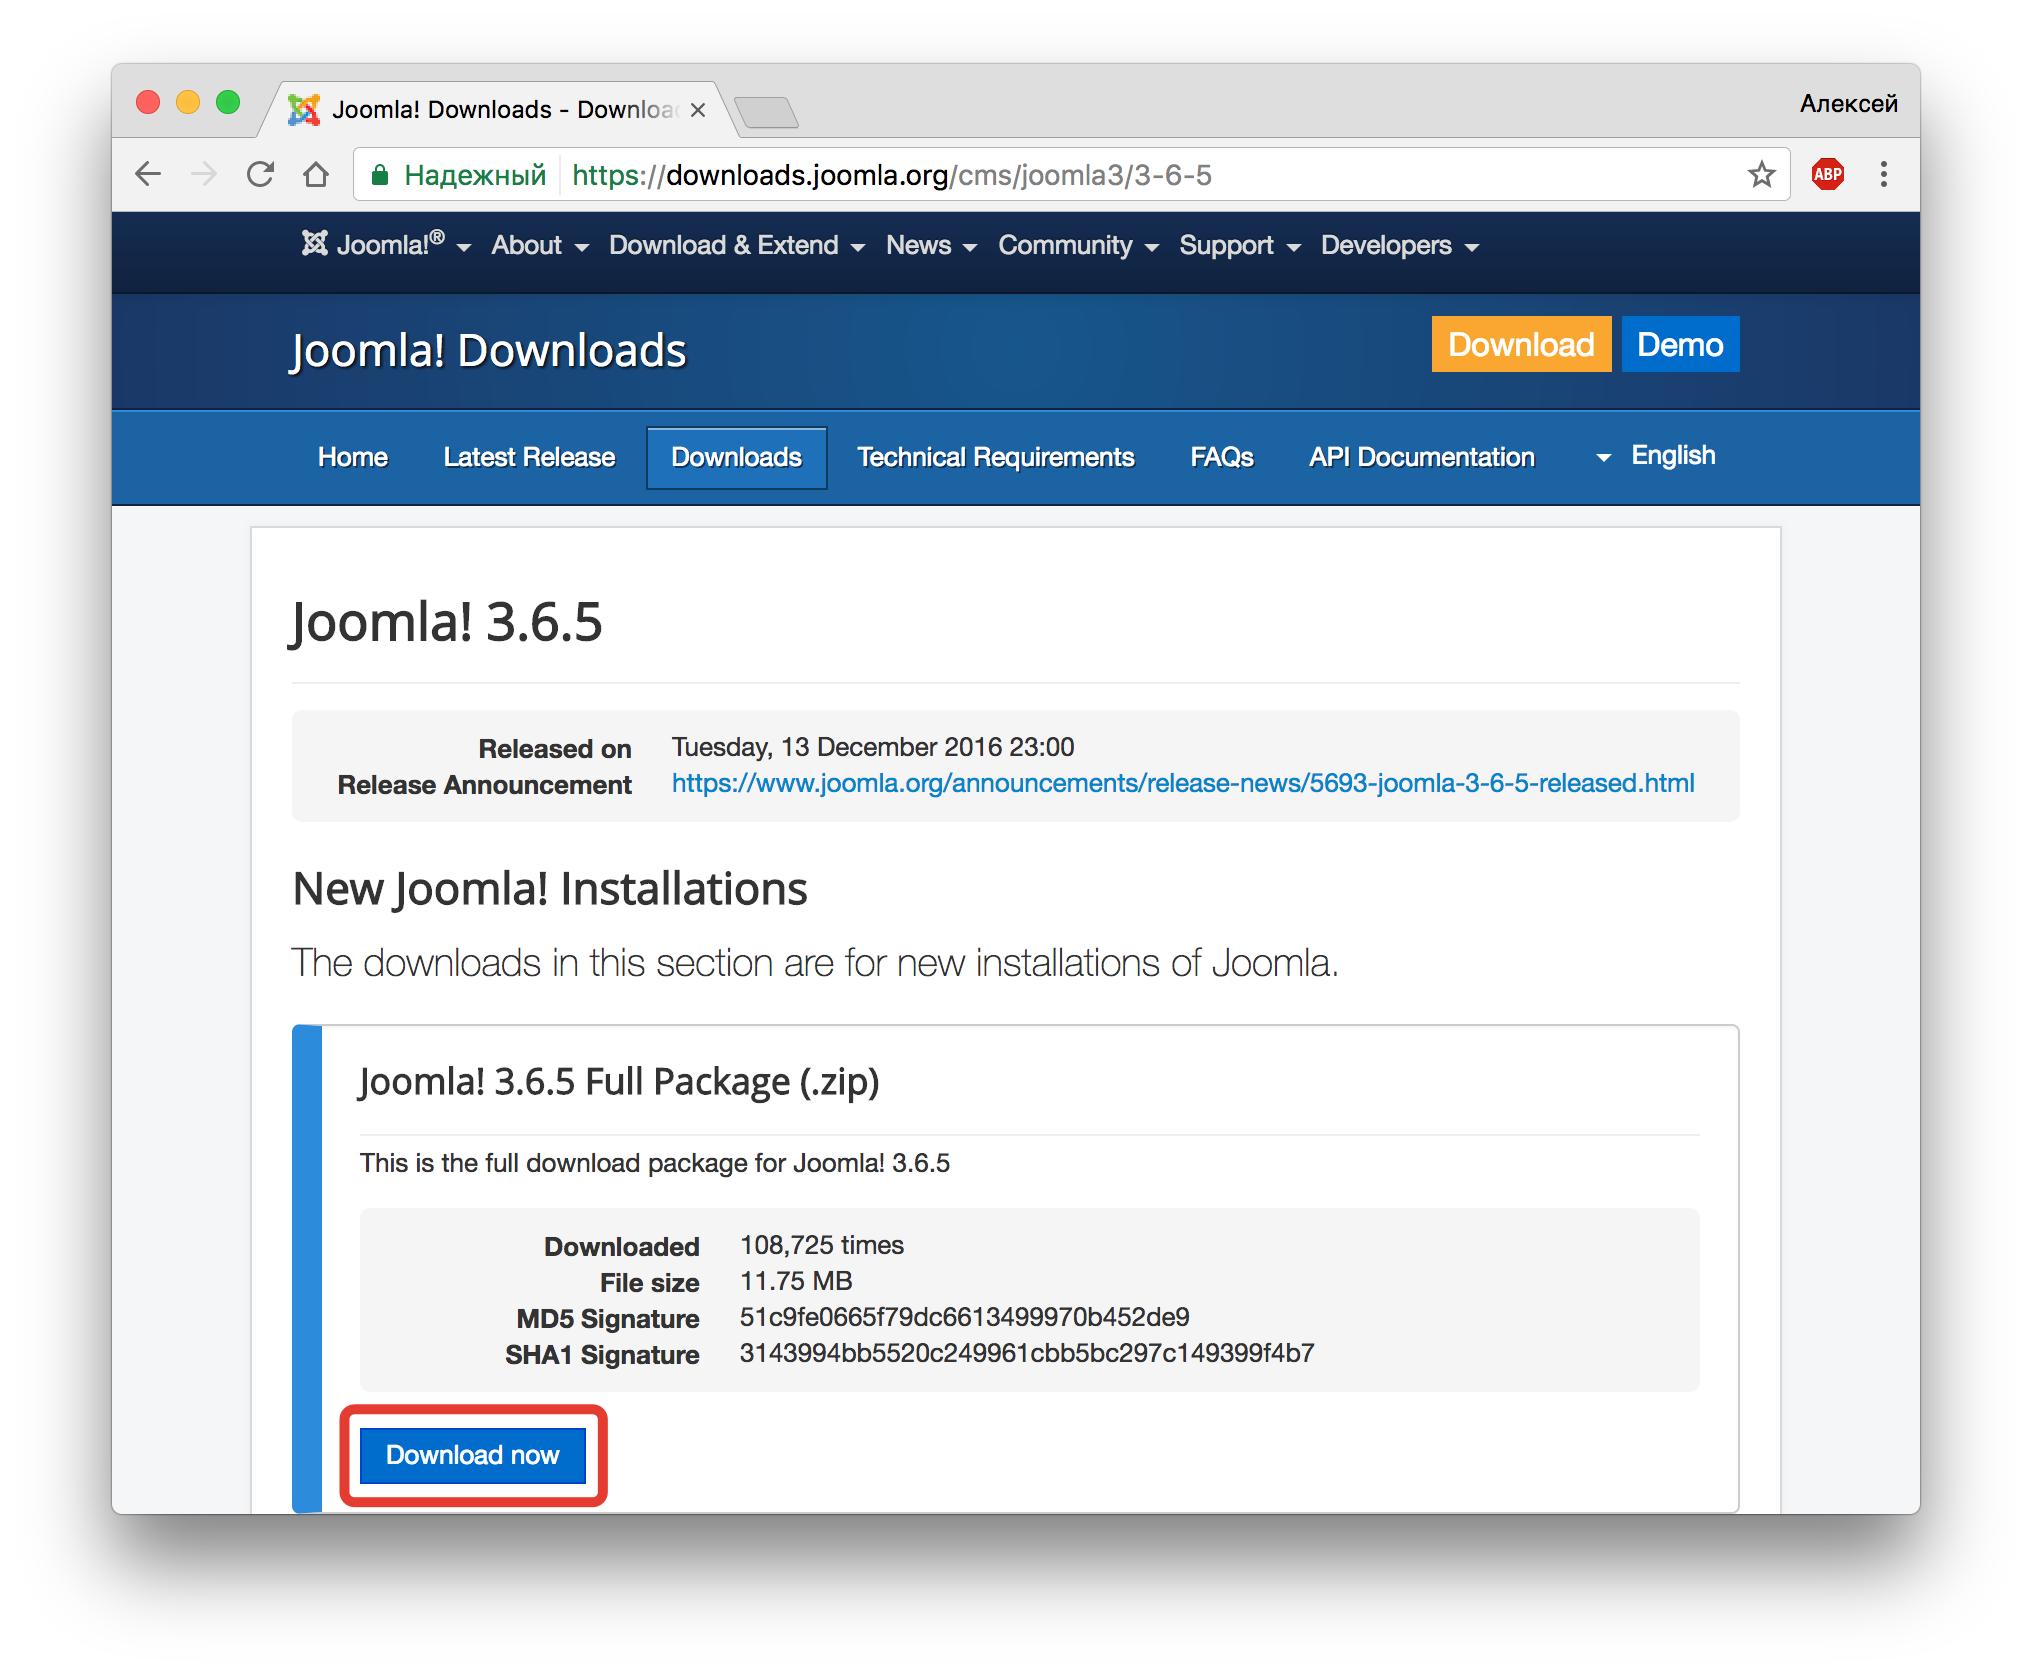 Скачать виртуальный сервер joomla сбербанк официальный сайт автоплатежи